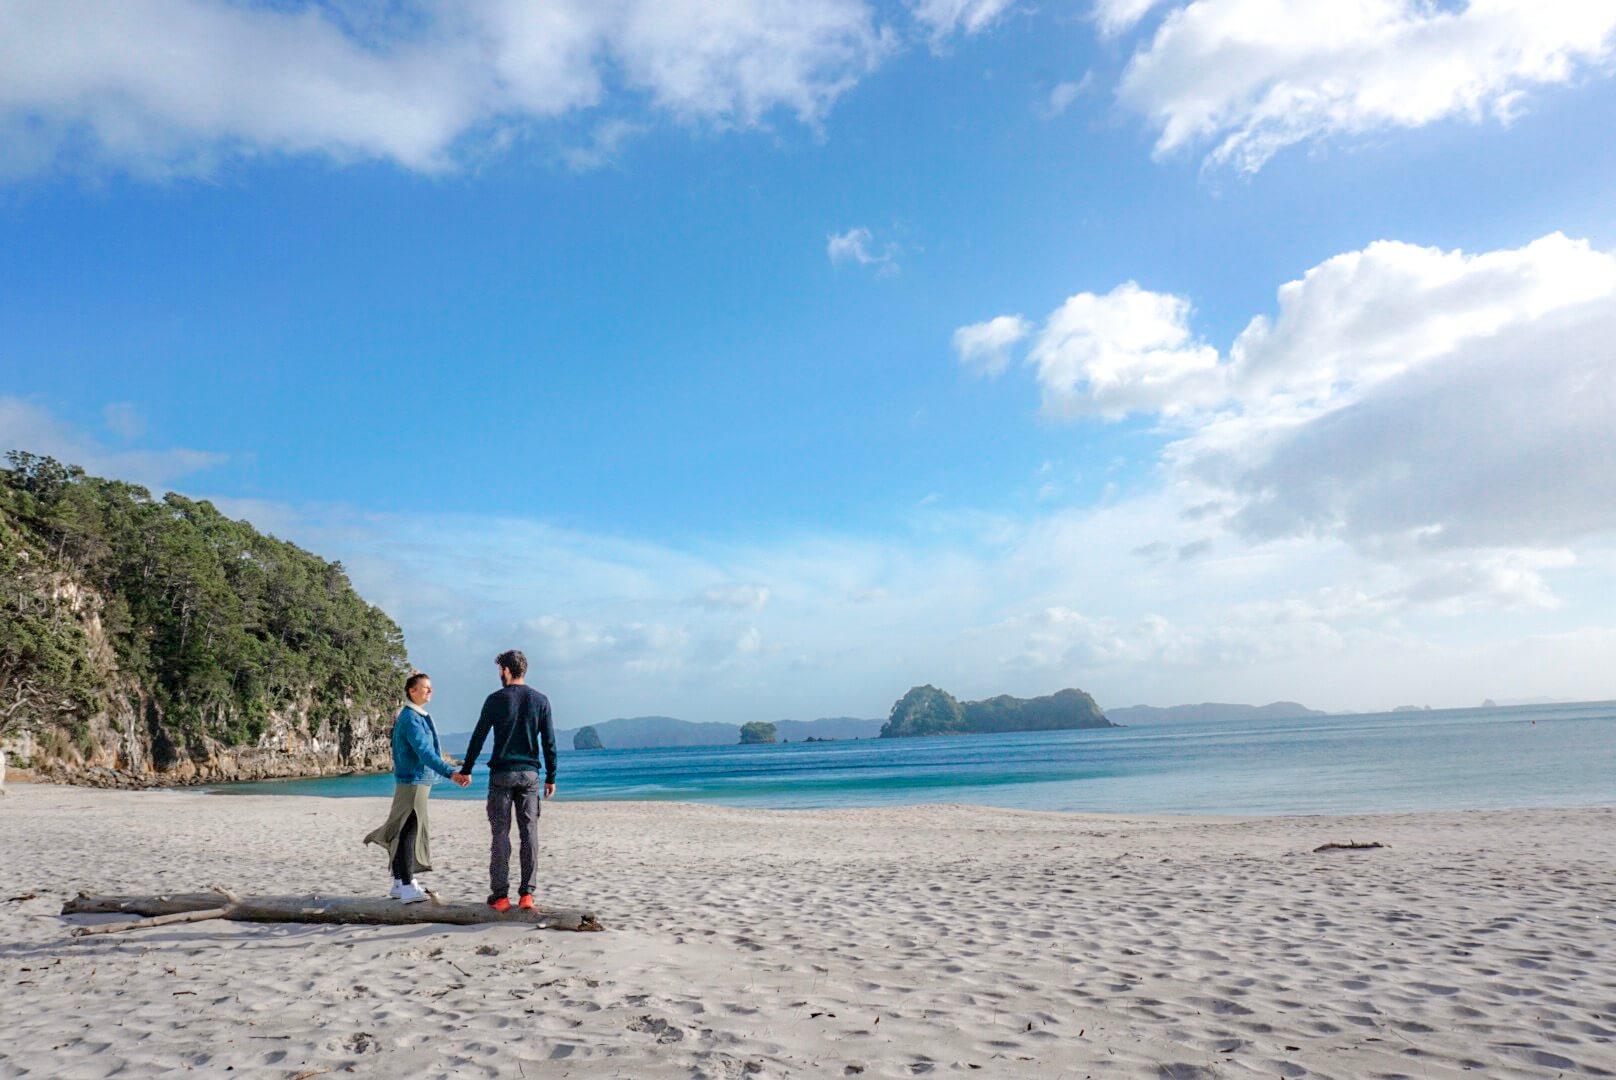 belle plage près de cathedral cove nouvelle Zélande